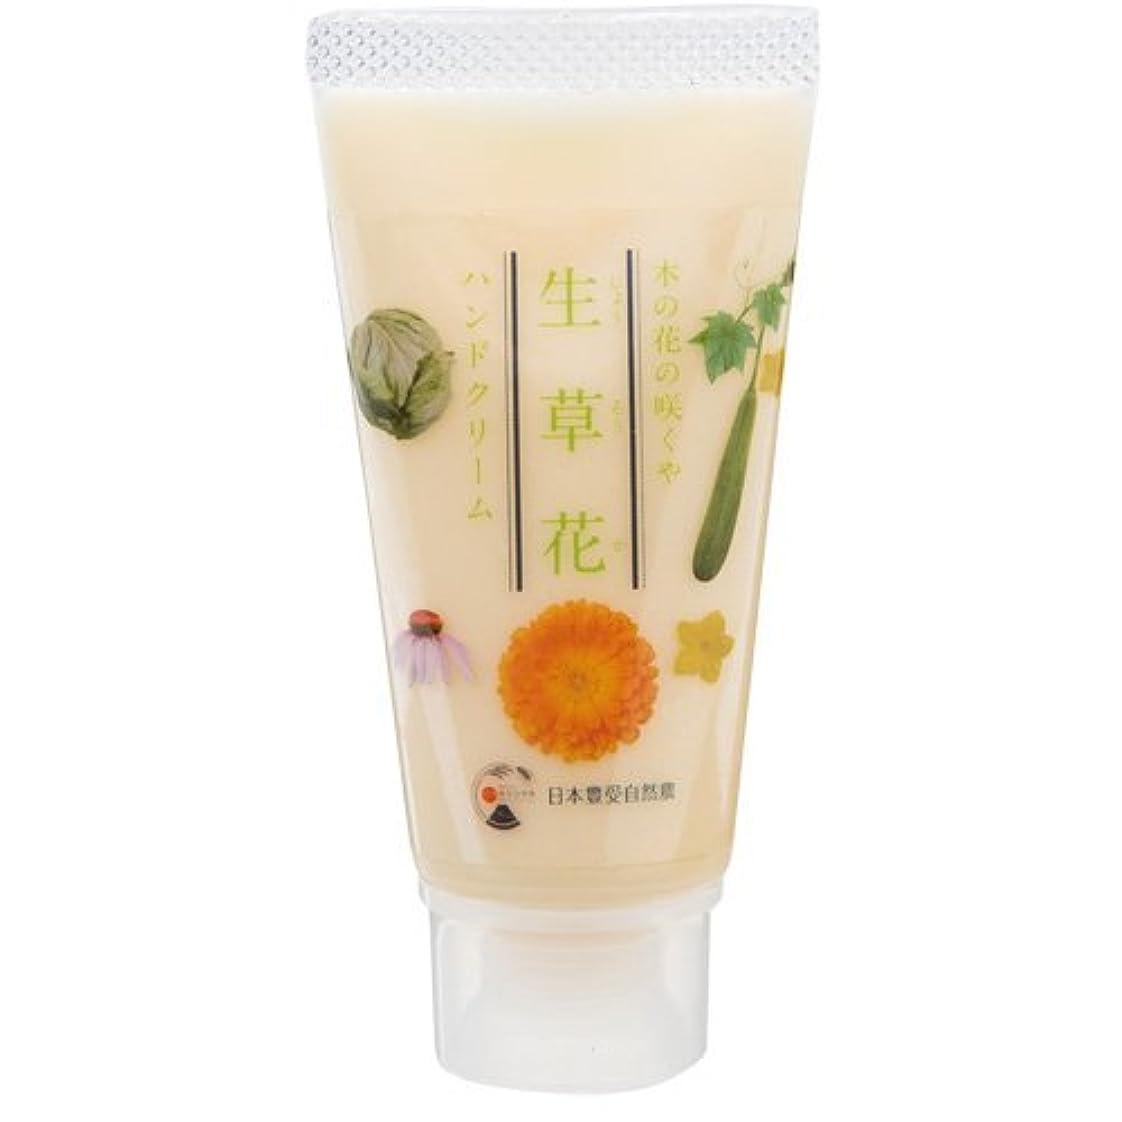 カーペット砂漠運賃日本豊受自然農 木の花の咲くや 生草花 ハンドクリーム 30g